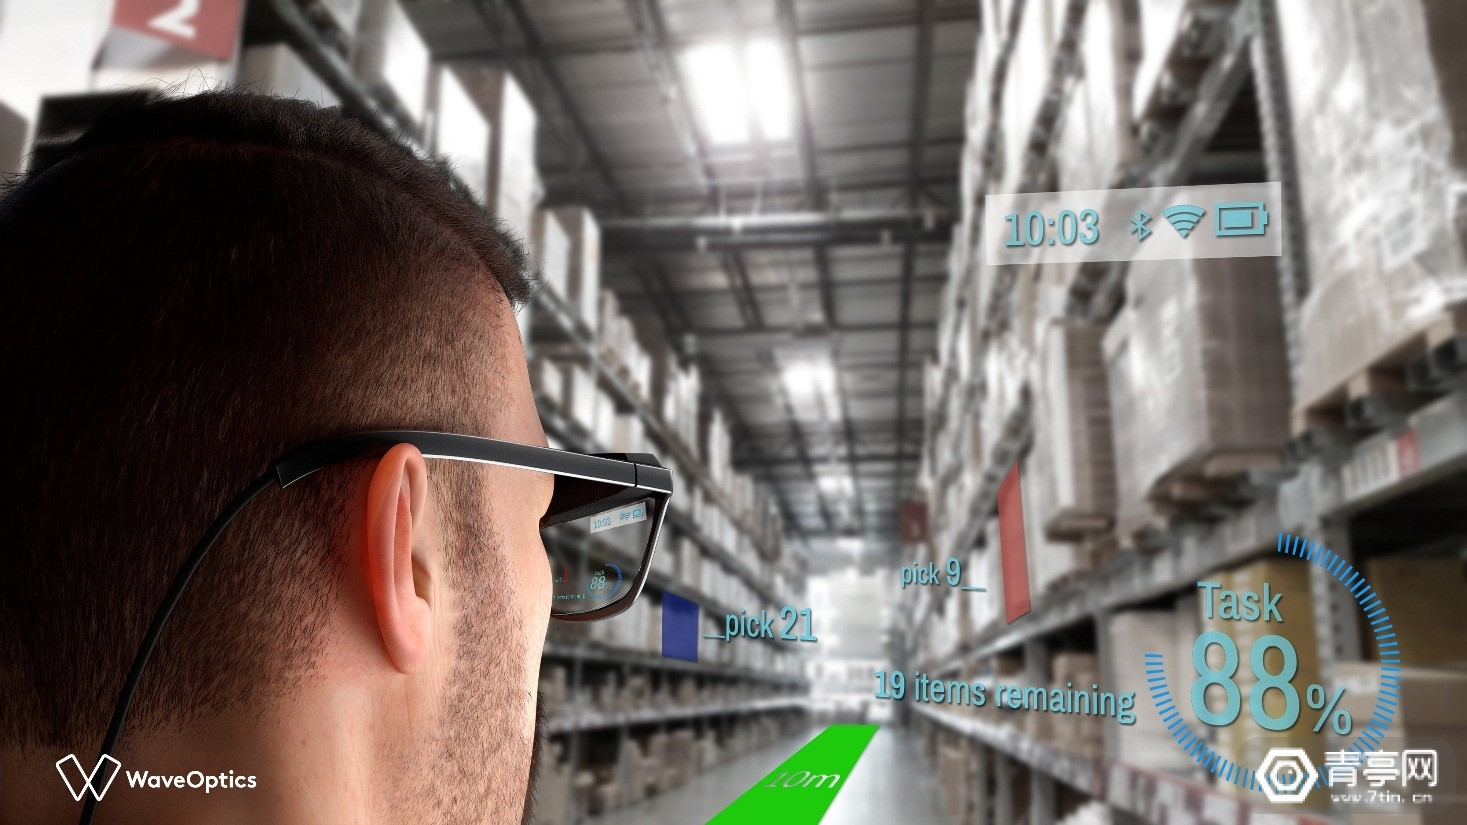 歌尔与WaveOptics合作共推光波导元件量产,加速AR市场化